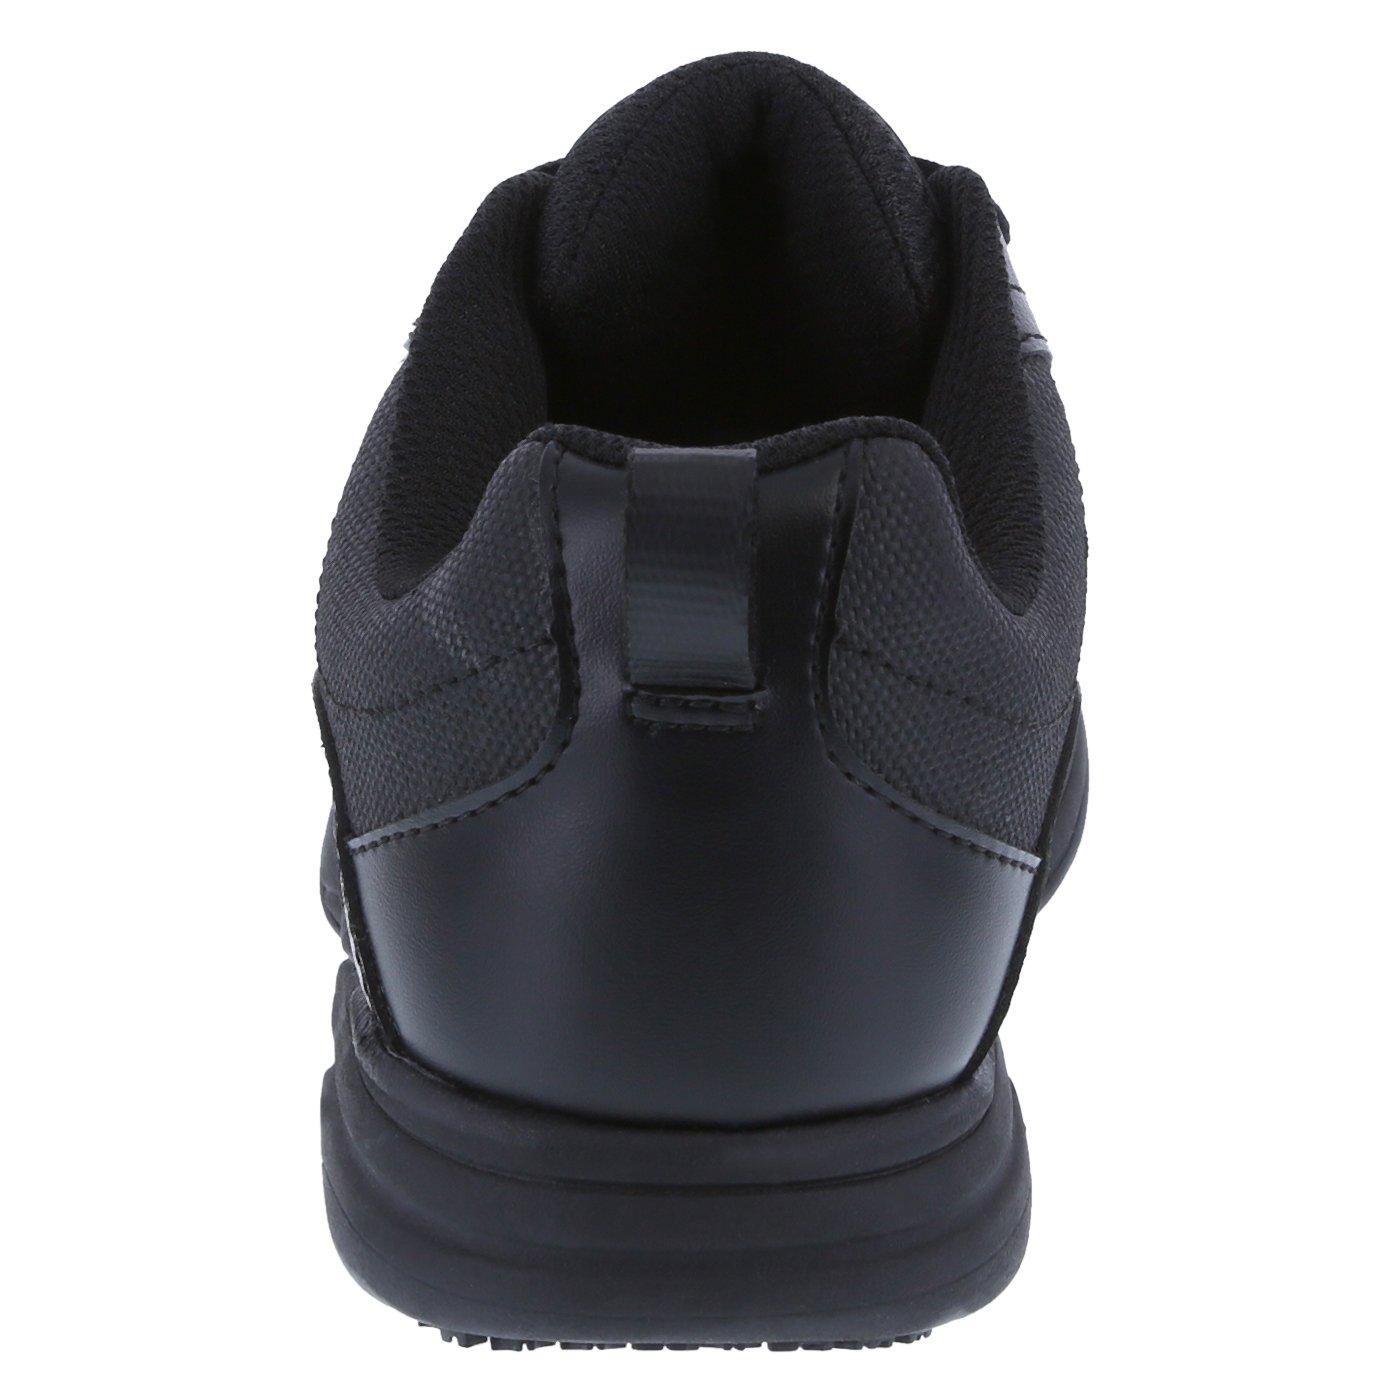 safeTstep Slip Resistant Women's Black Women's Athena Sneaker 7 Regular by safeTstep (Image #3)